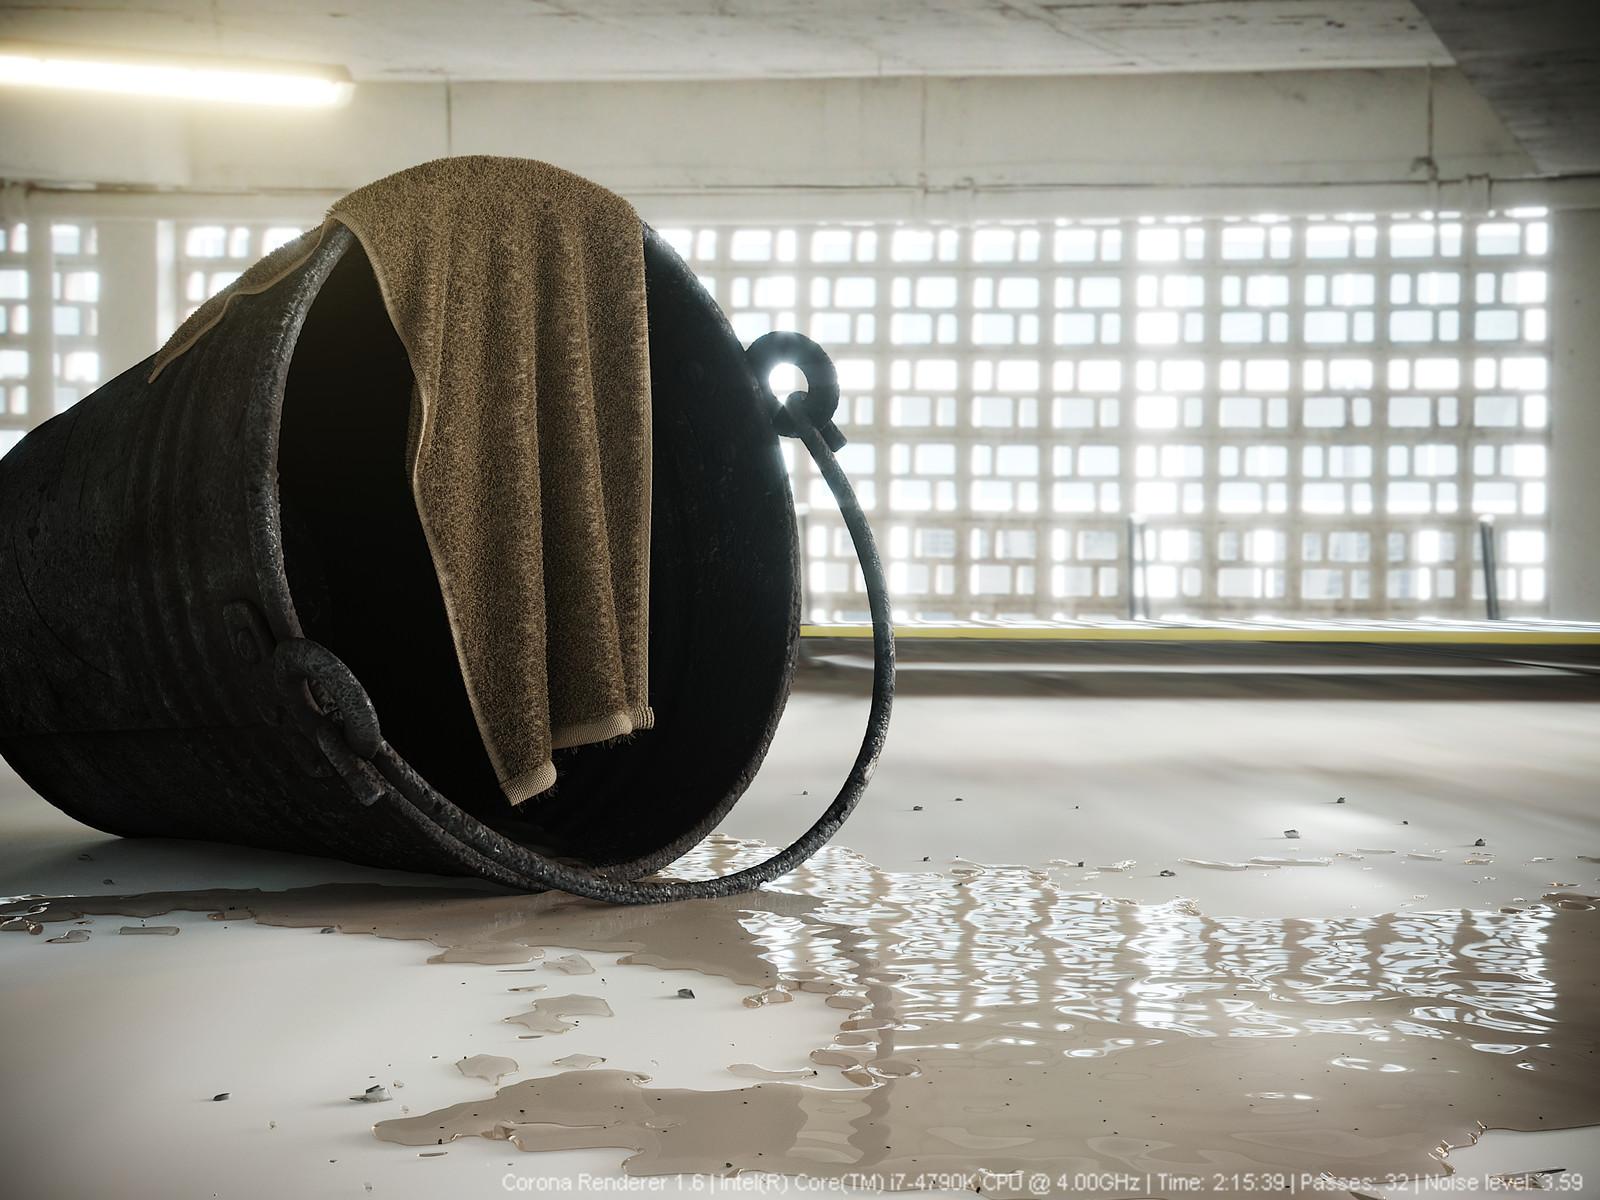 Spill - Still life